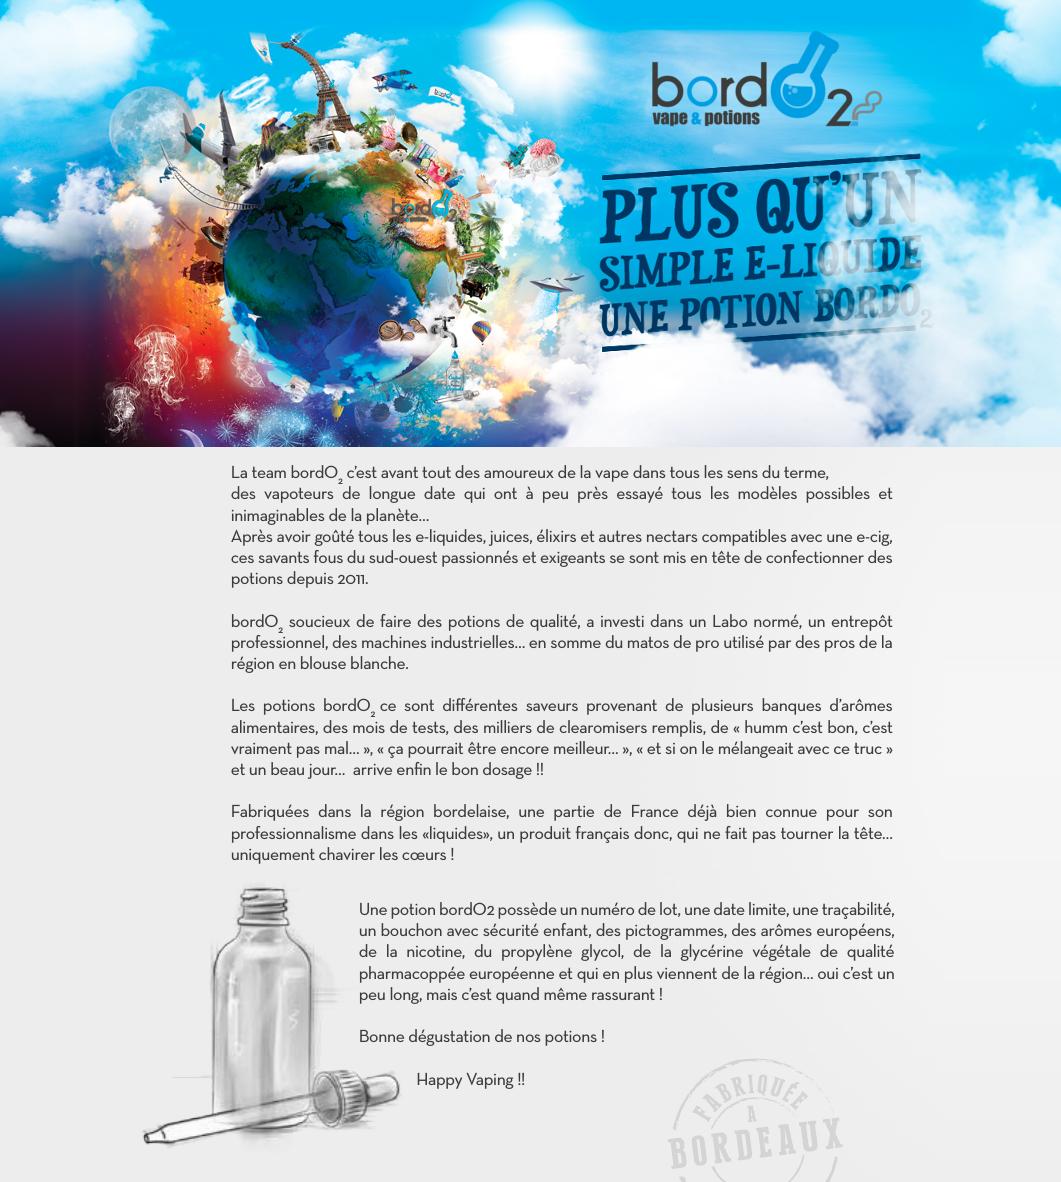 Présentation du fabriquant de eliquides Bordo2 pour cigarettes électroniques